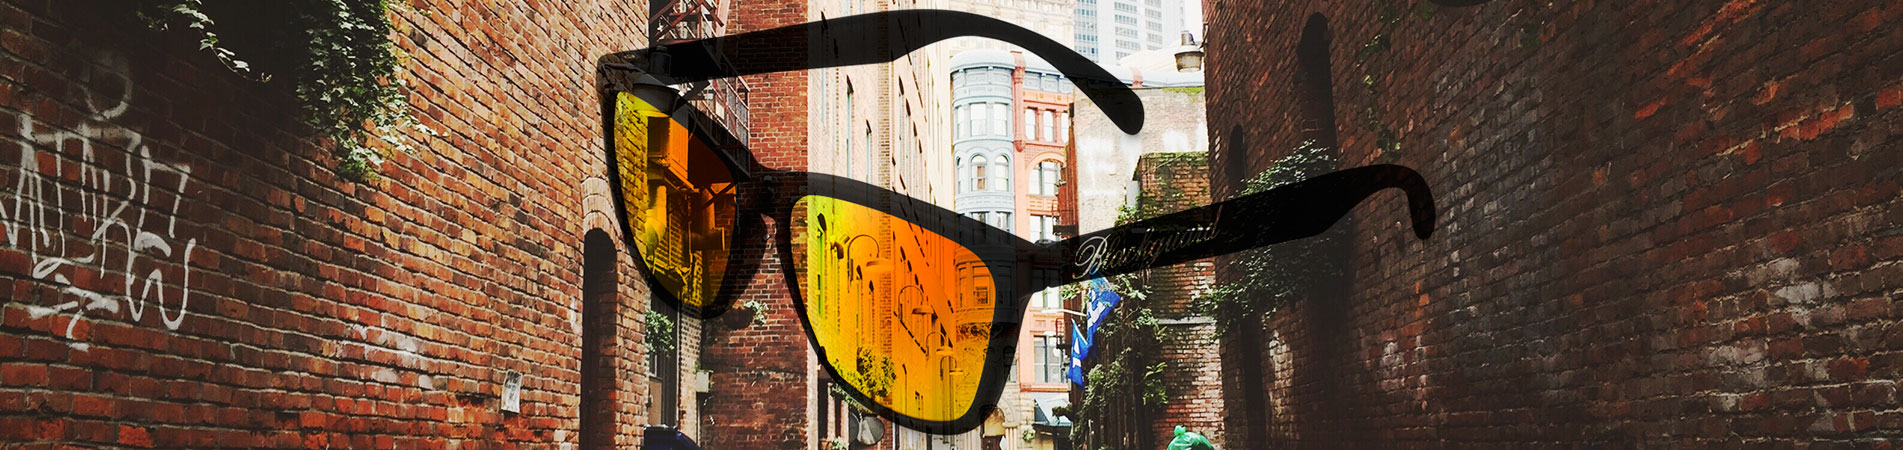 Gafas de sol baratas Blackguard64